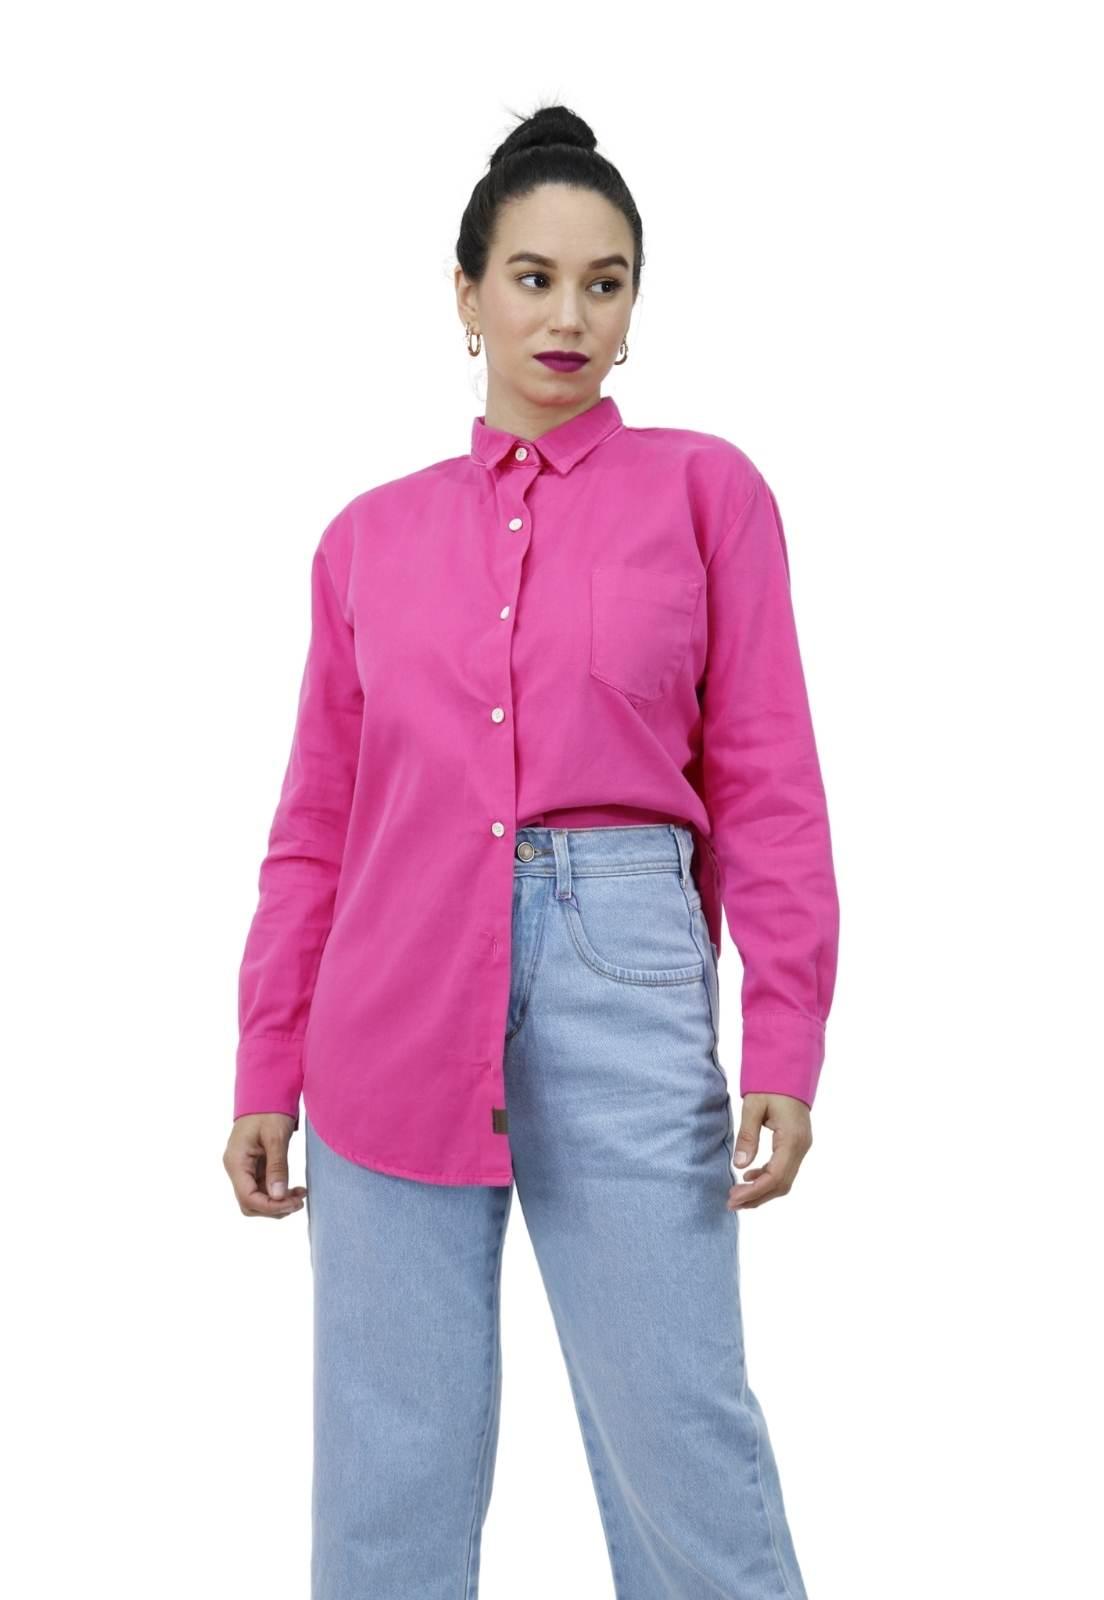 Camisa Feminina Algodão Manga Longa Ampla Oversized